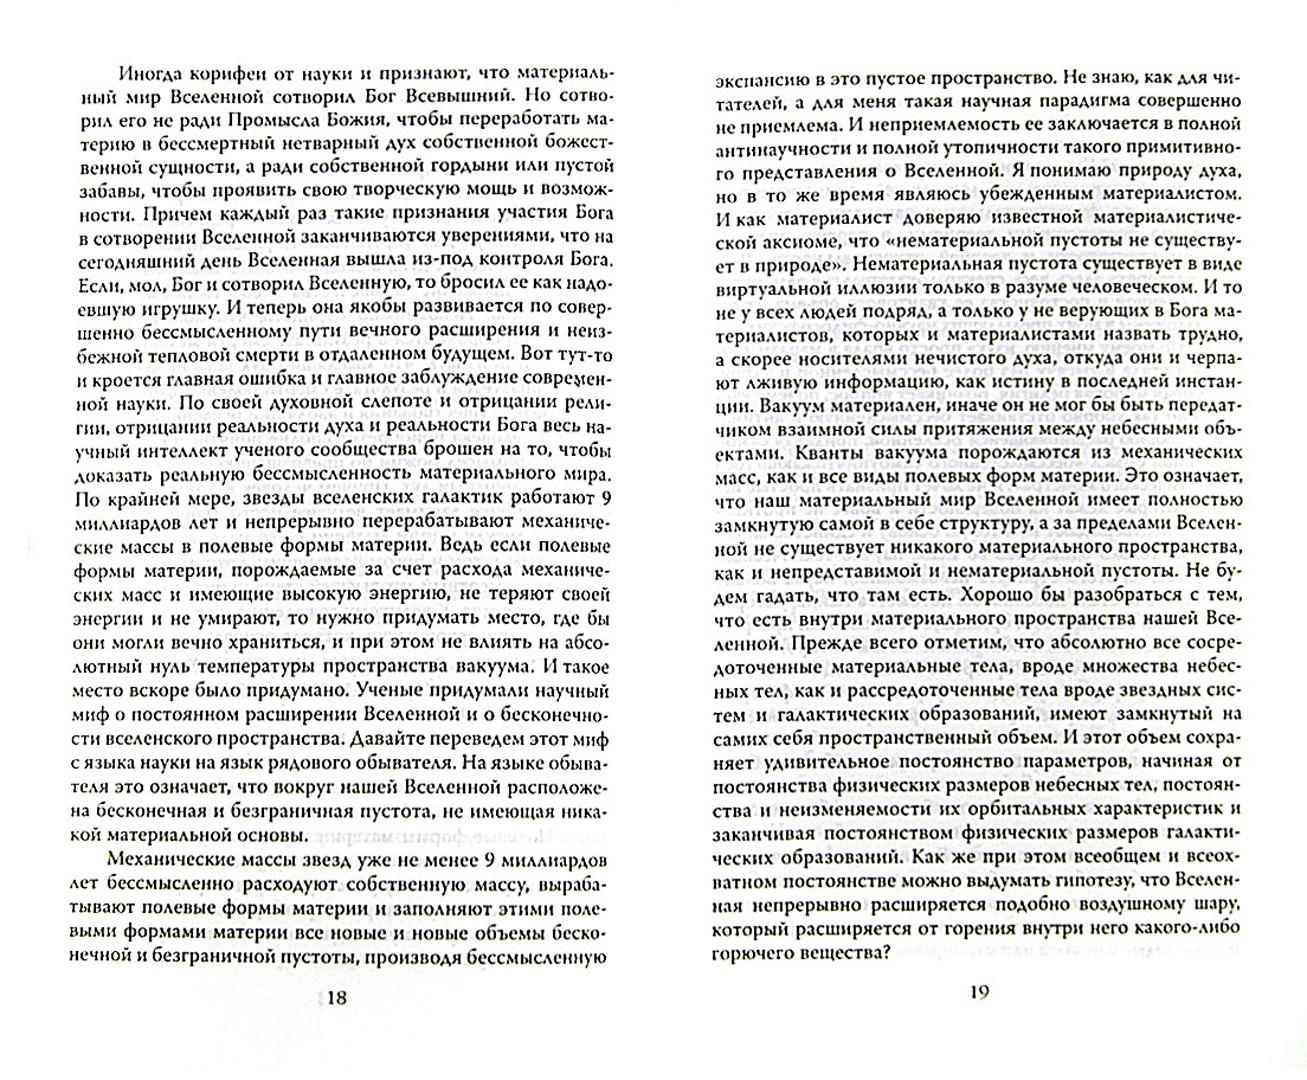 Иллюстрация 1 из 2 для Человек и дьявол. Философия науки и веры - Николай Мальцев   Лабиринт - книги. Источник: Лабиринт